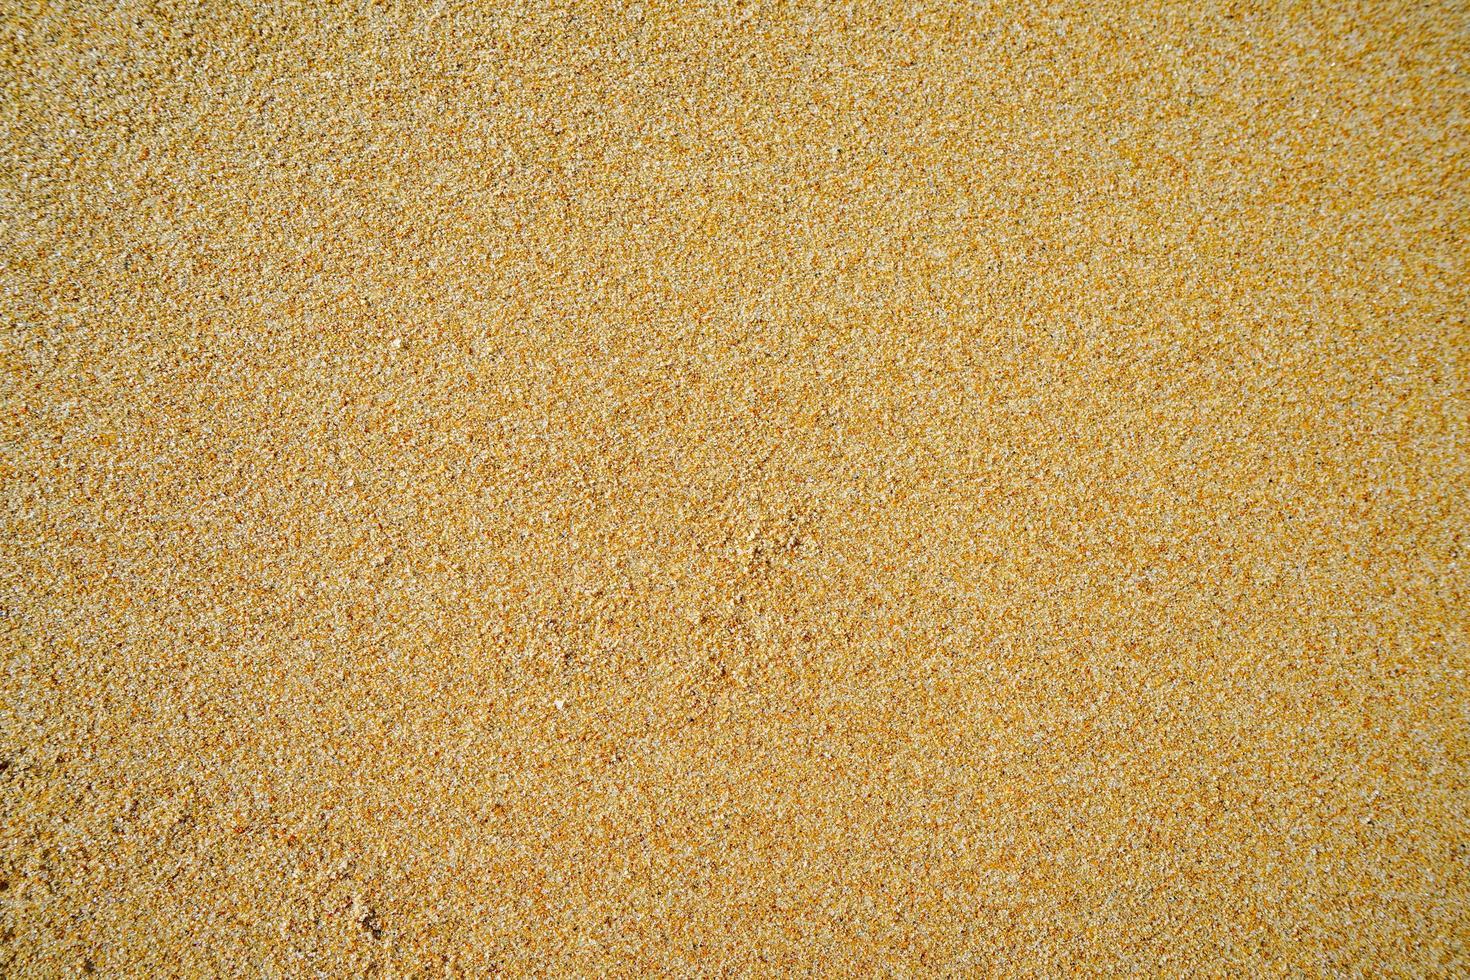 natuurlijke achtergrond met geel zand foto